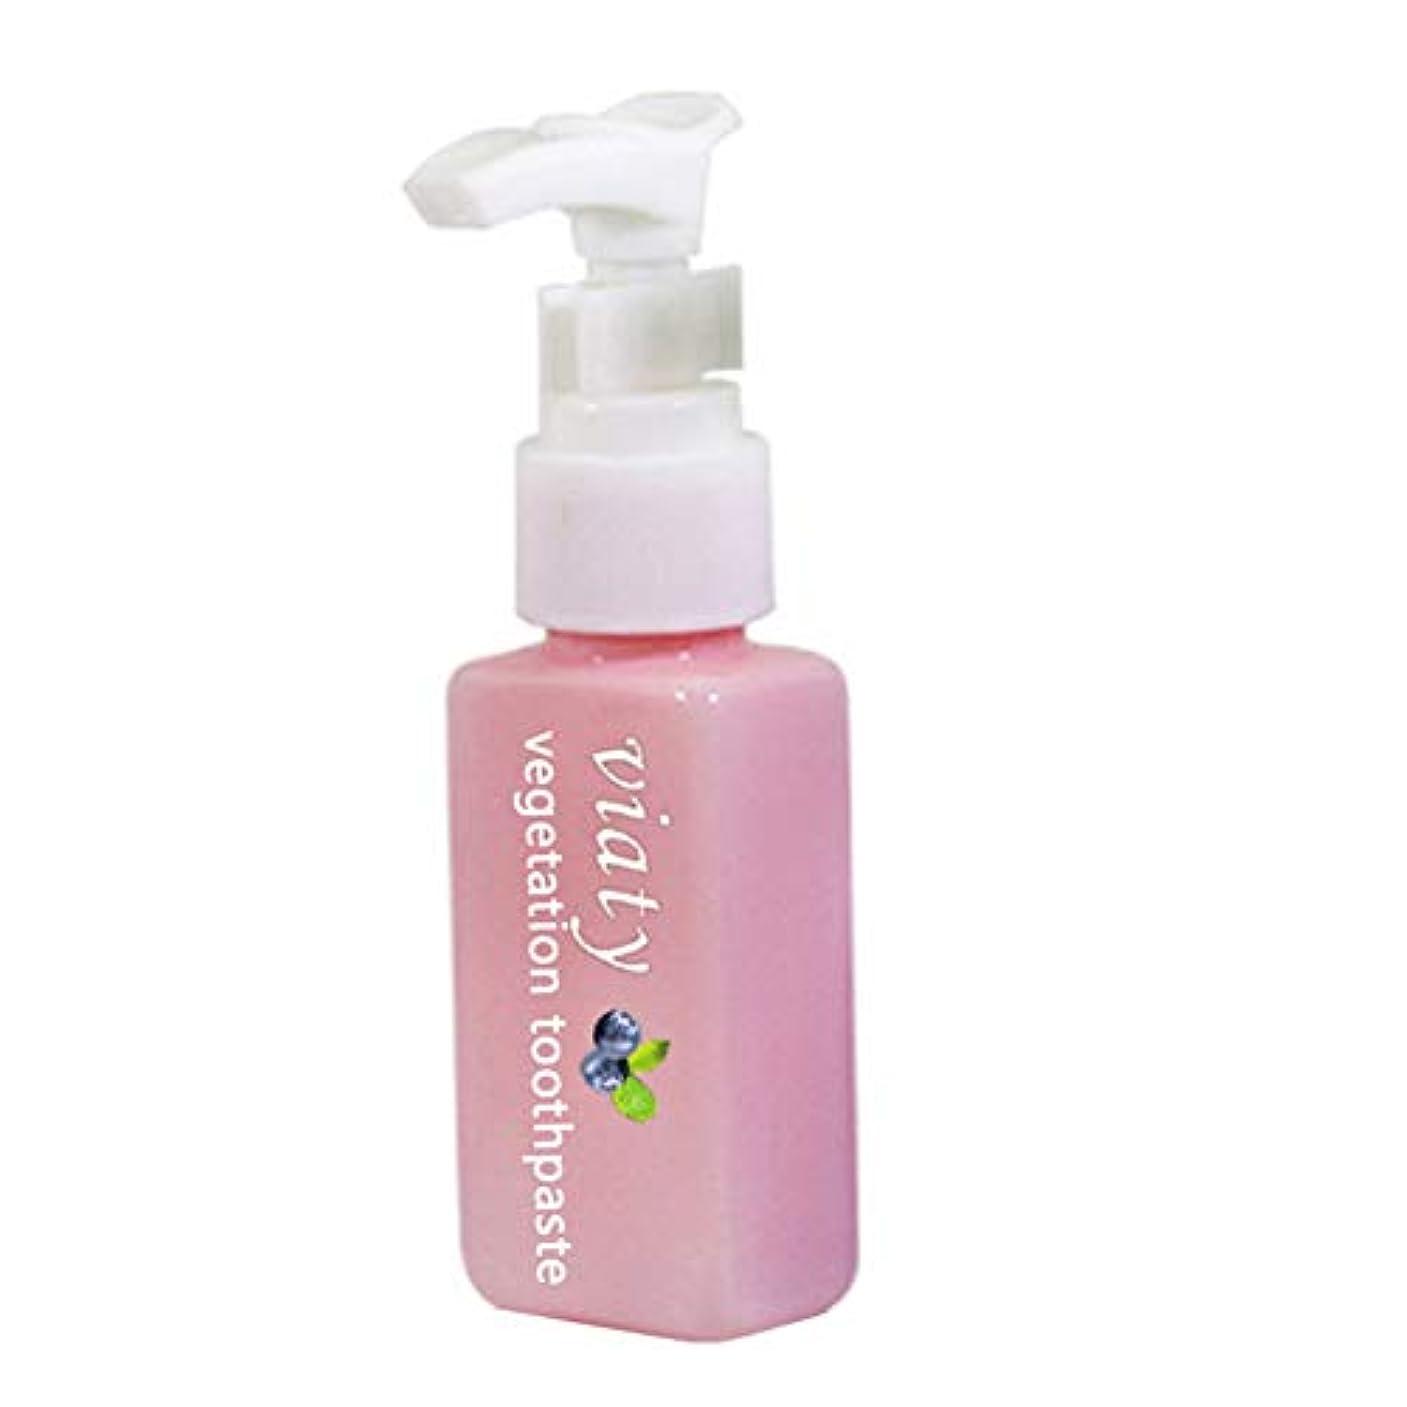 咲く機械的ピストンAylincool歯磨き粉アンチブリードガムプレスタイプ新鮮な歯磨き粉を白くする汚れ除去剤